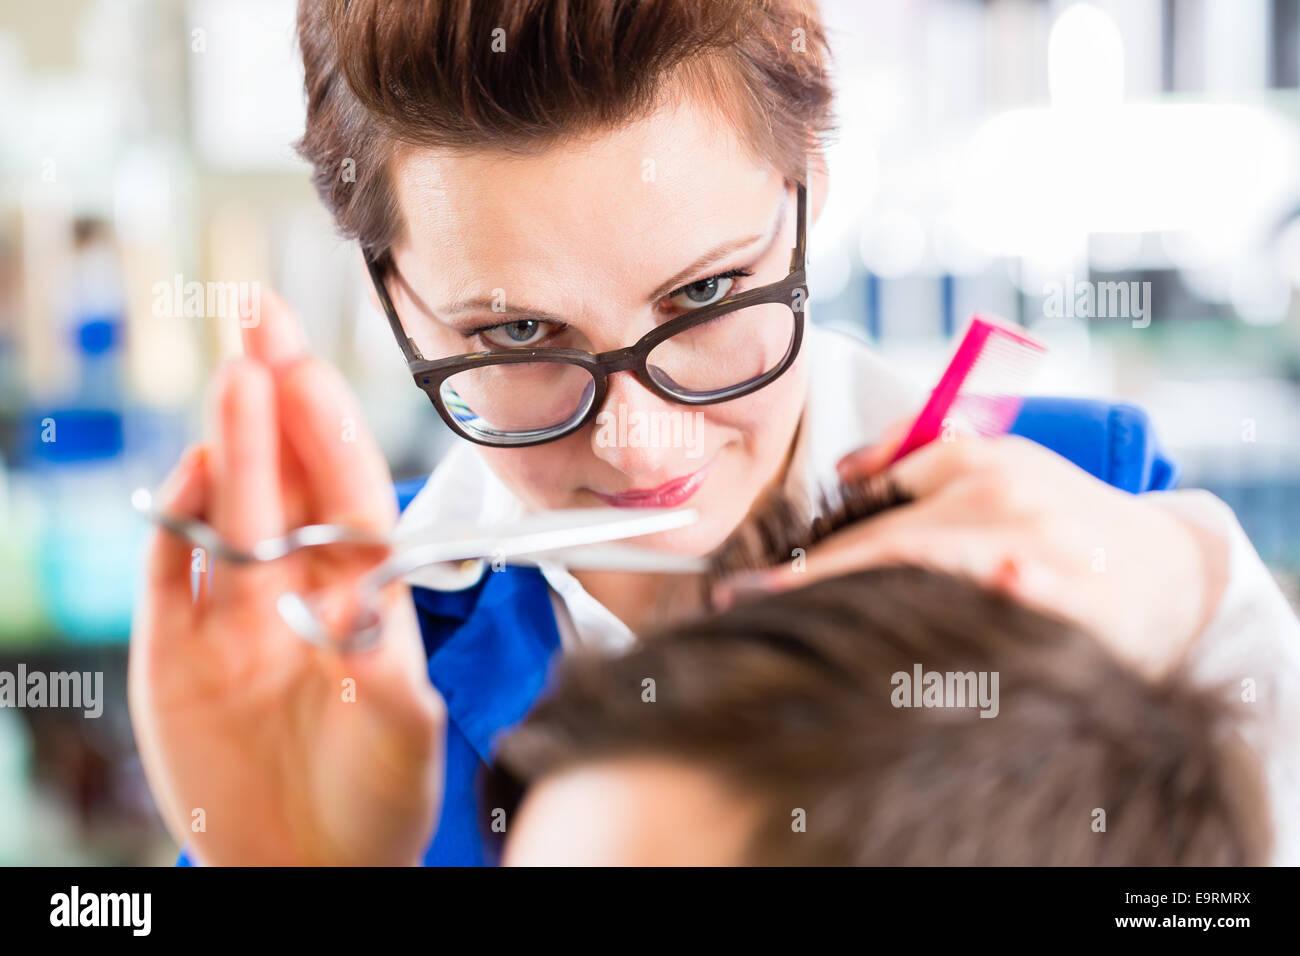 Weibliche Frisur schneiden Männer Haare Friseur Shop